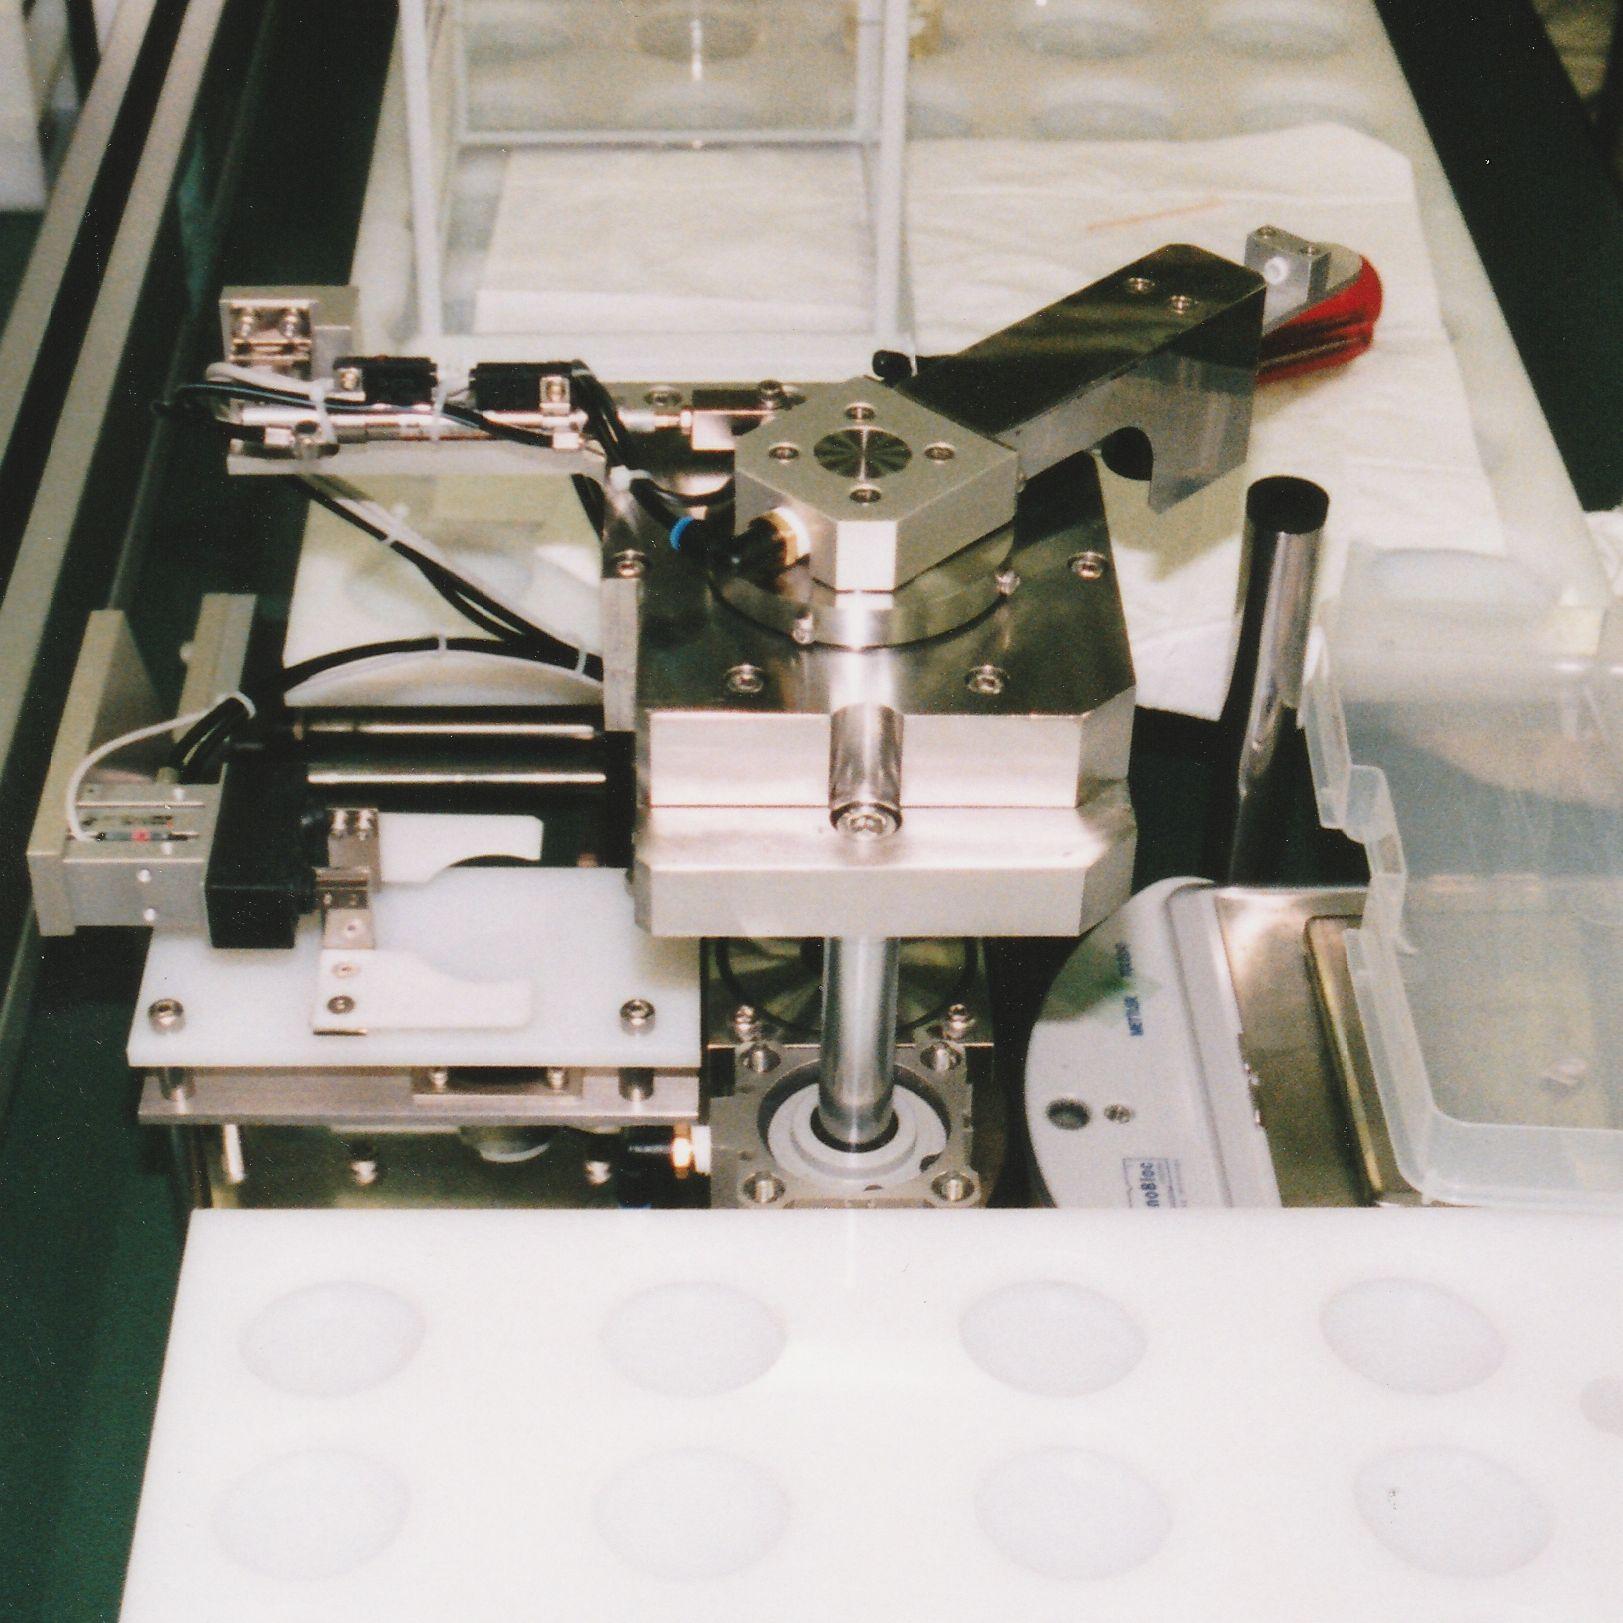 サンプルテーブルとハンドリングロボット